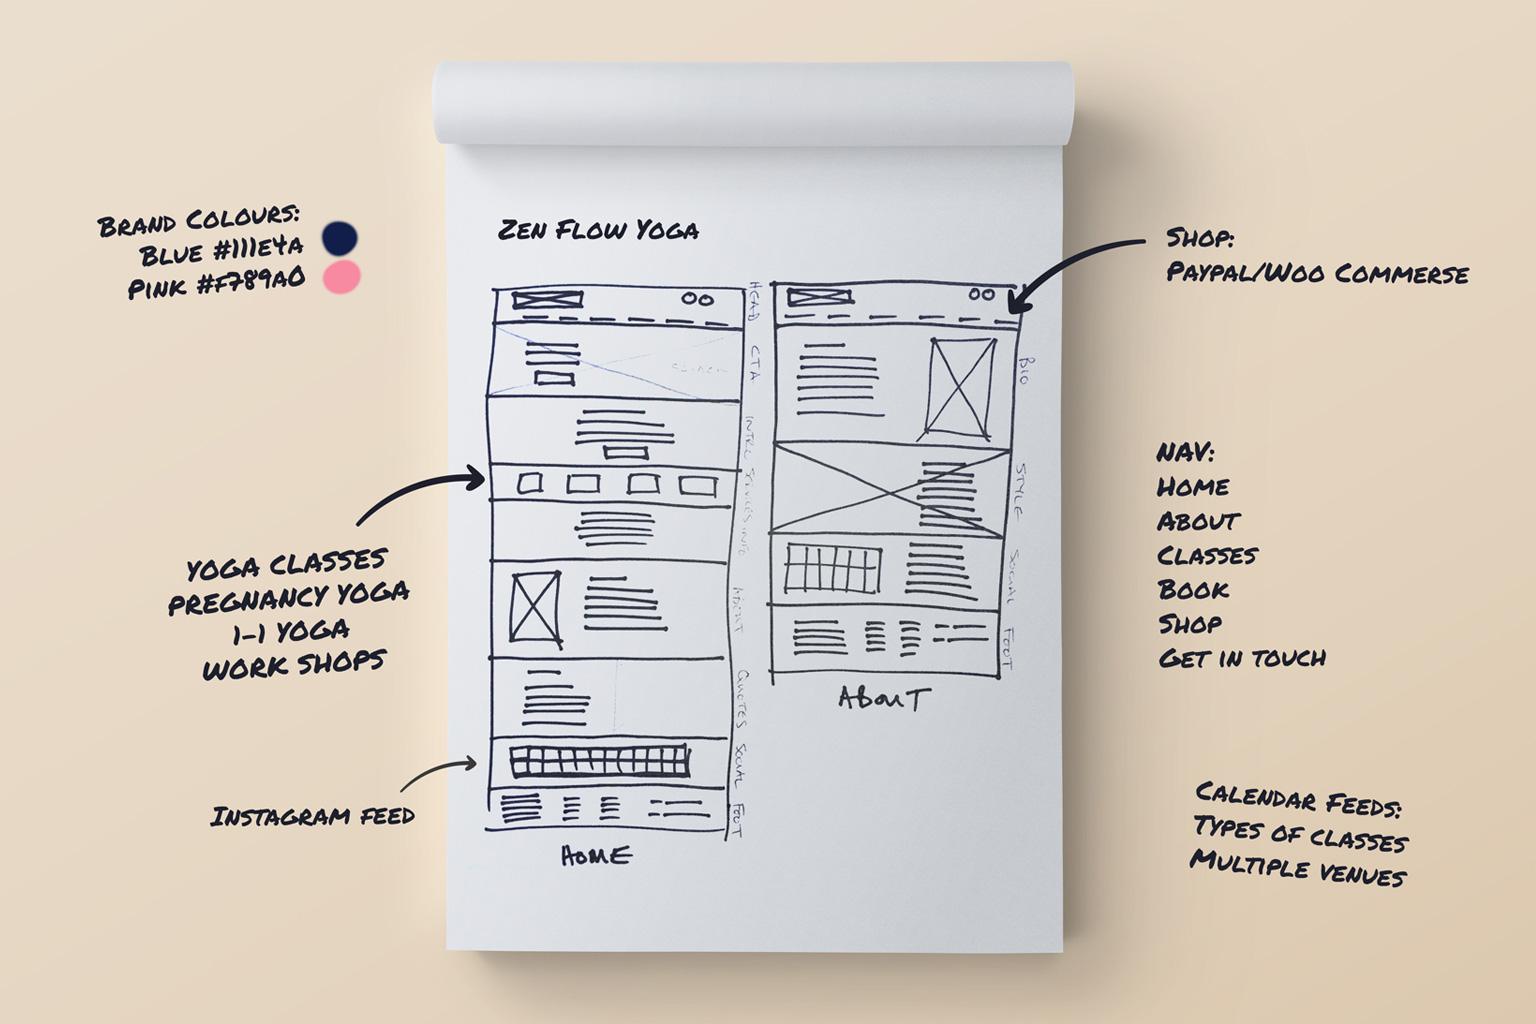 zfy-web-wireframe